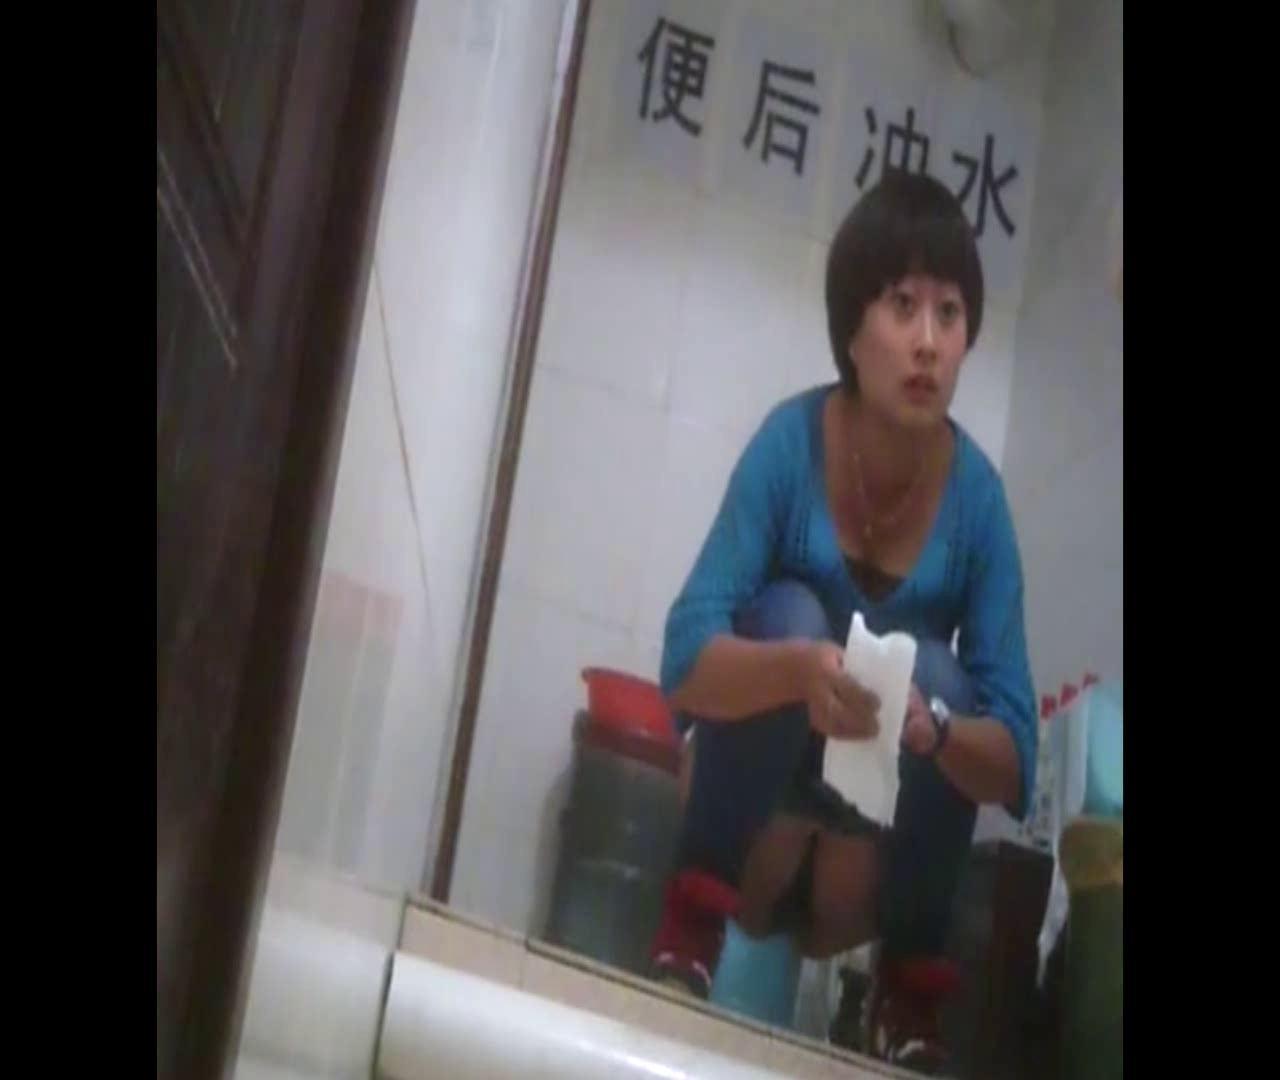 トイレ盗撮|Vol.37 豊満な胸を持つマッシュルームカットな彼女|怪盗ジョーカー